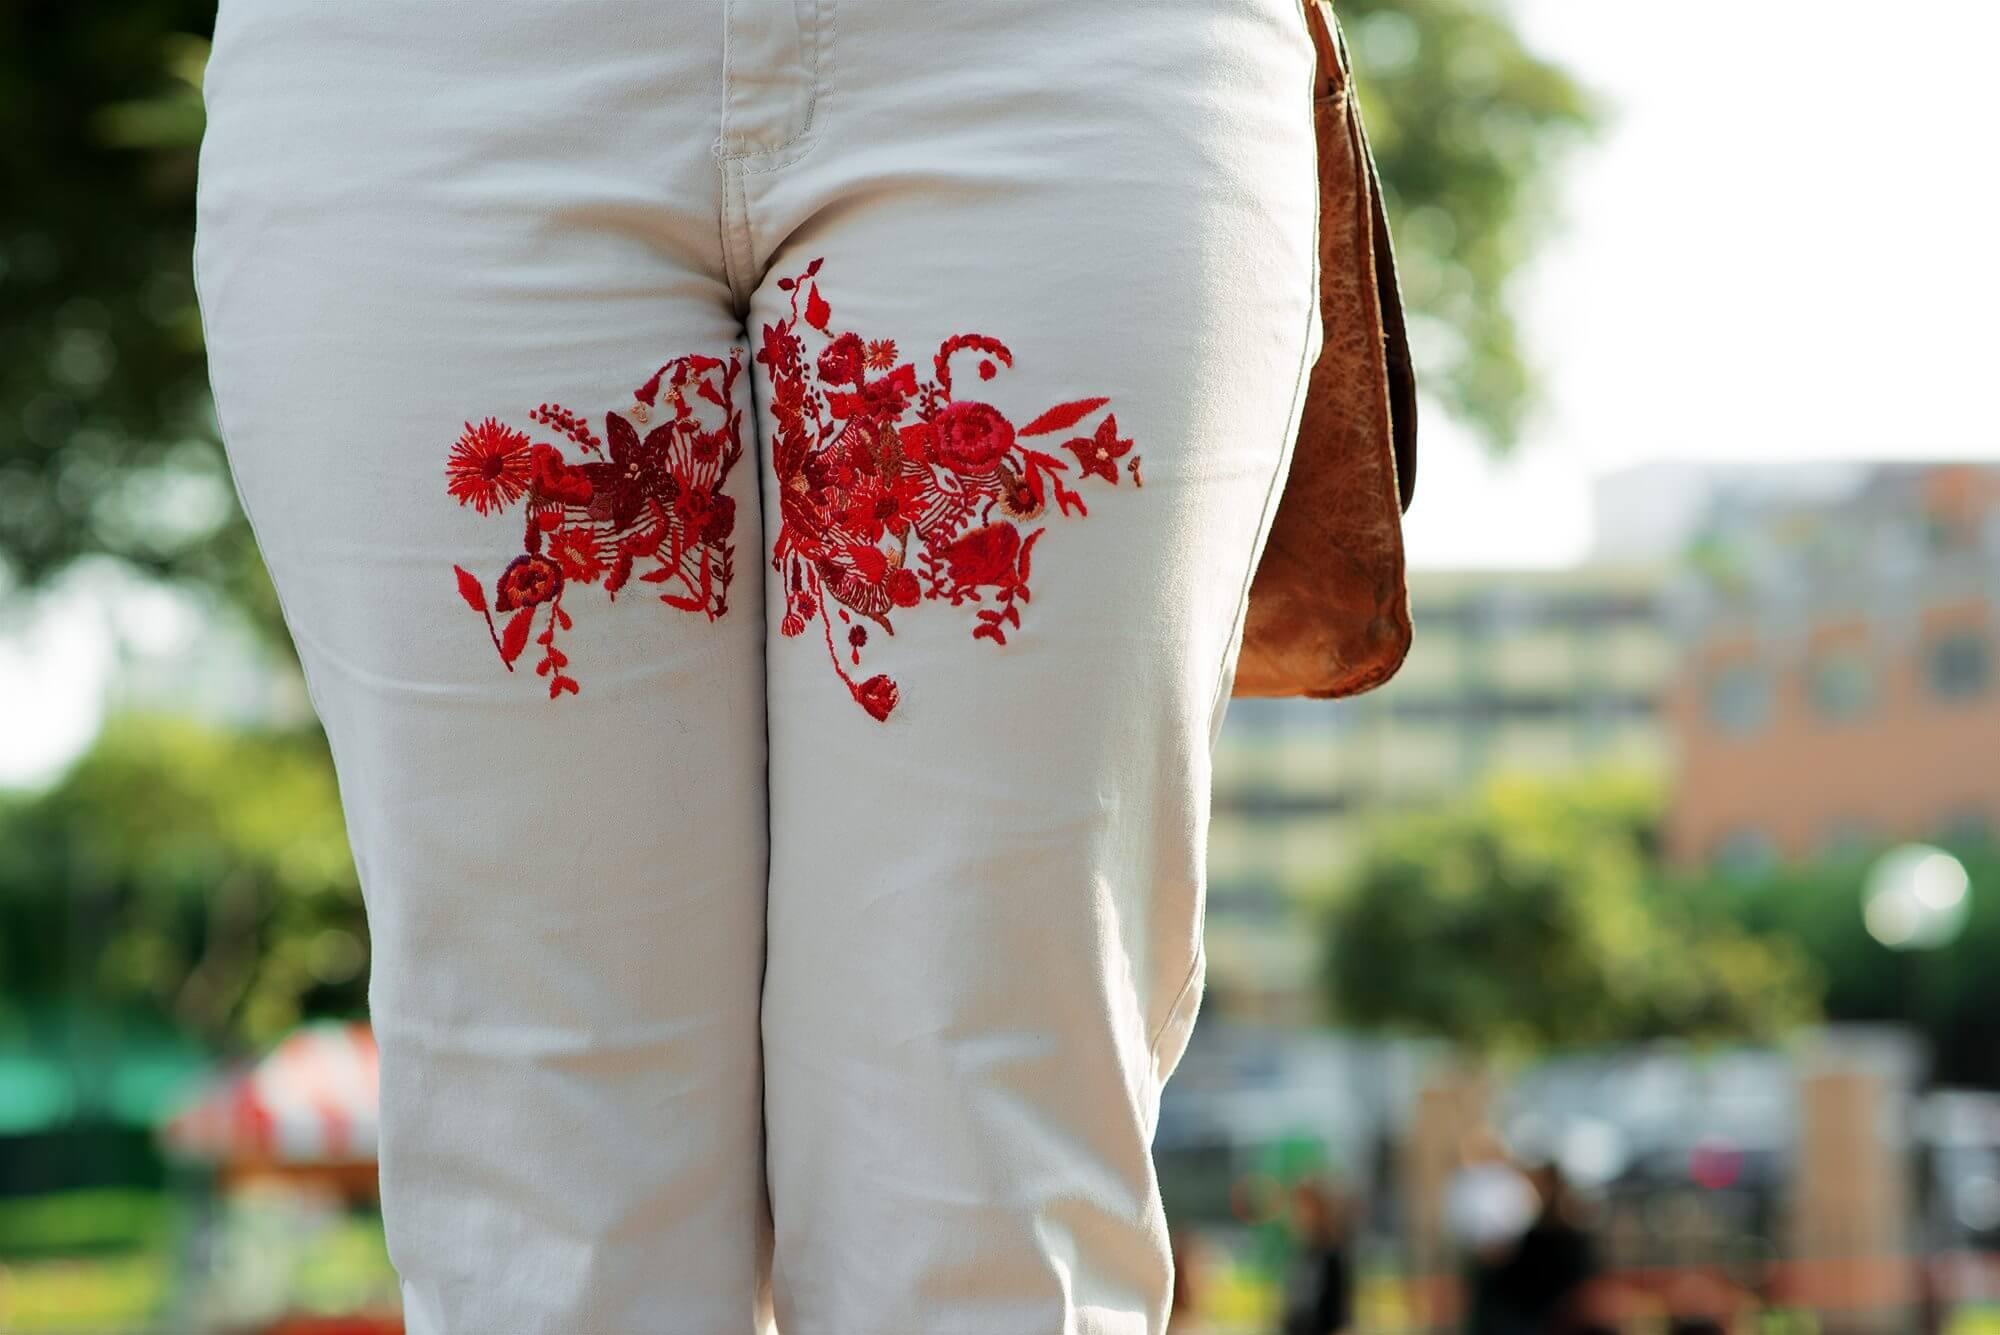 Menstruacija je inspiracija umjetnici koja veze mrlje od menstrualne krvi na odjeći